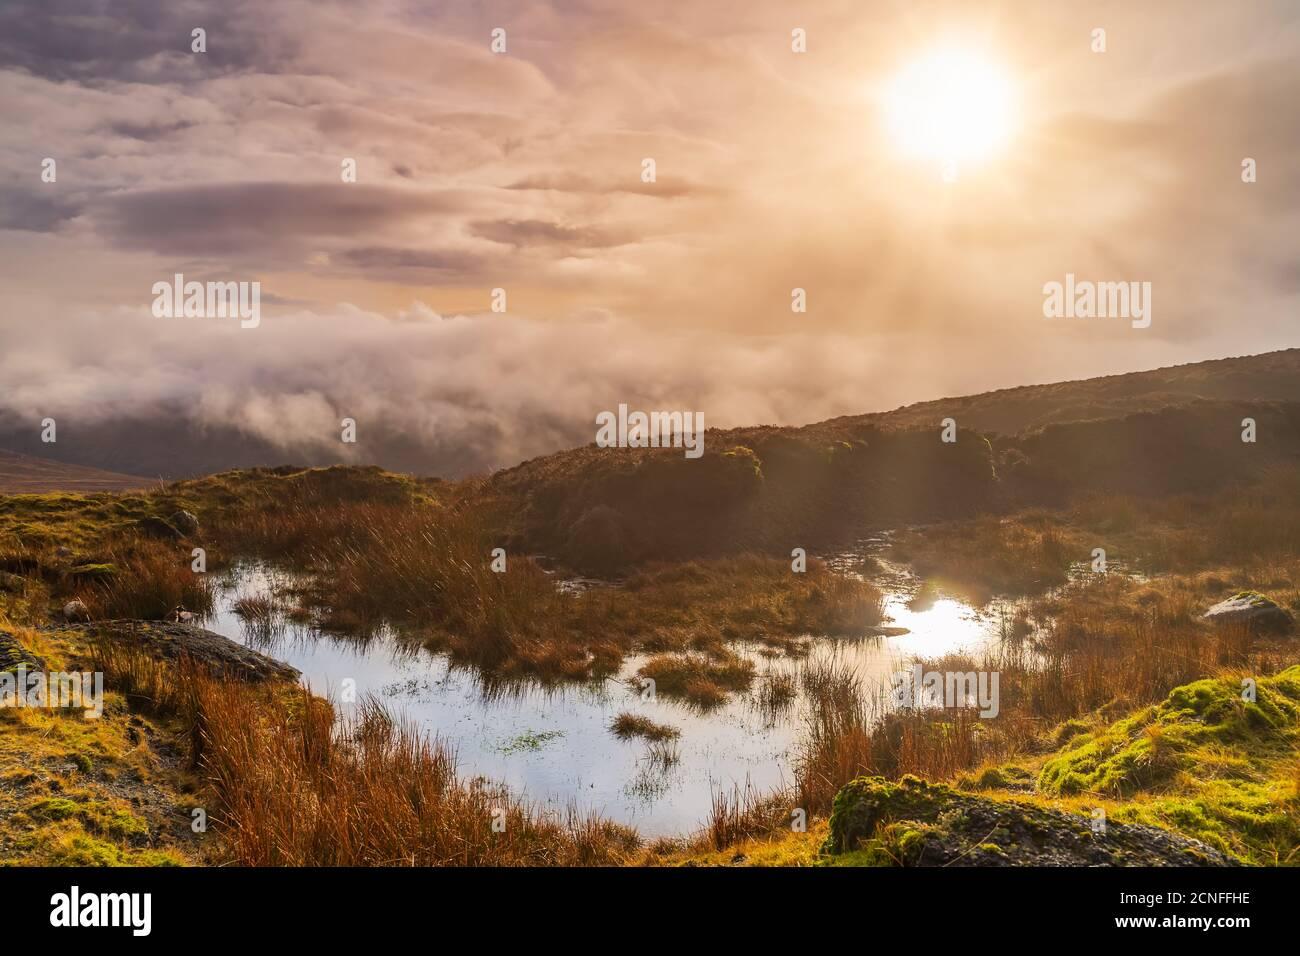 Nebbia e cielo drammatico su una palude con il sole che riflette in una pozza Foto Stock